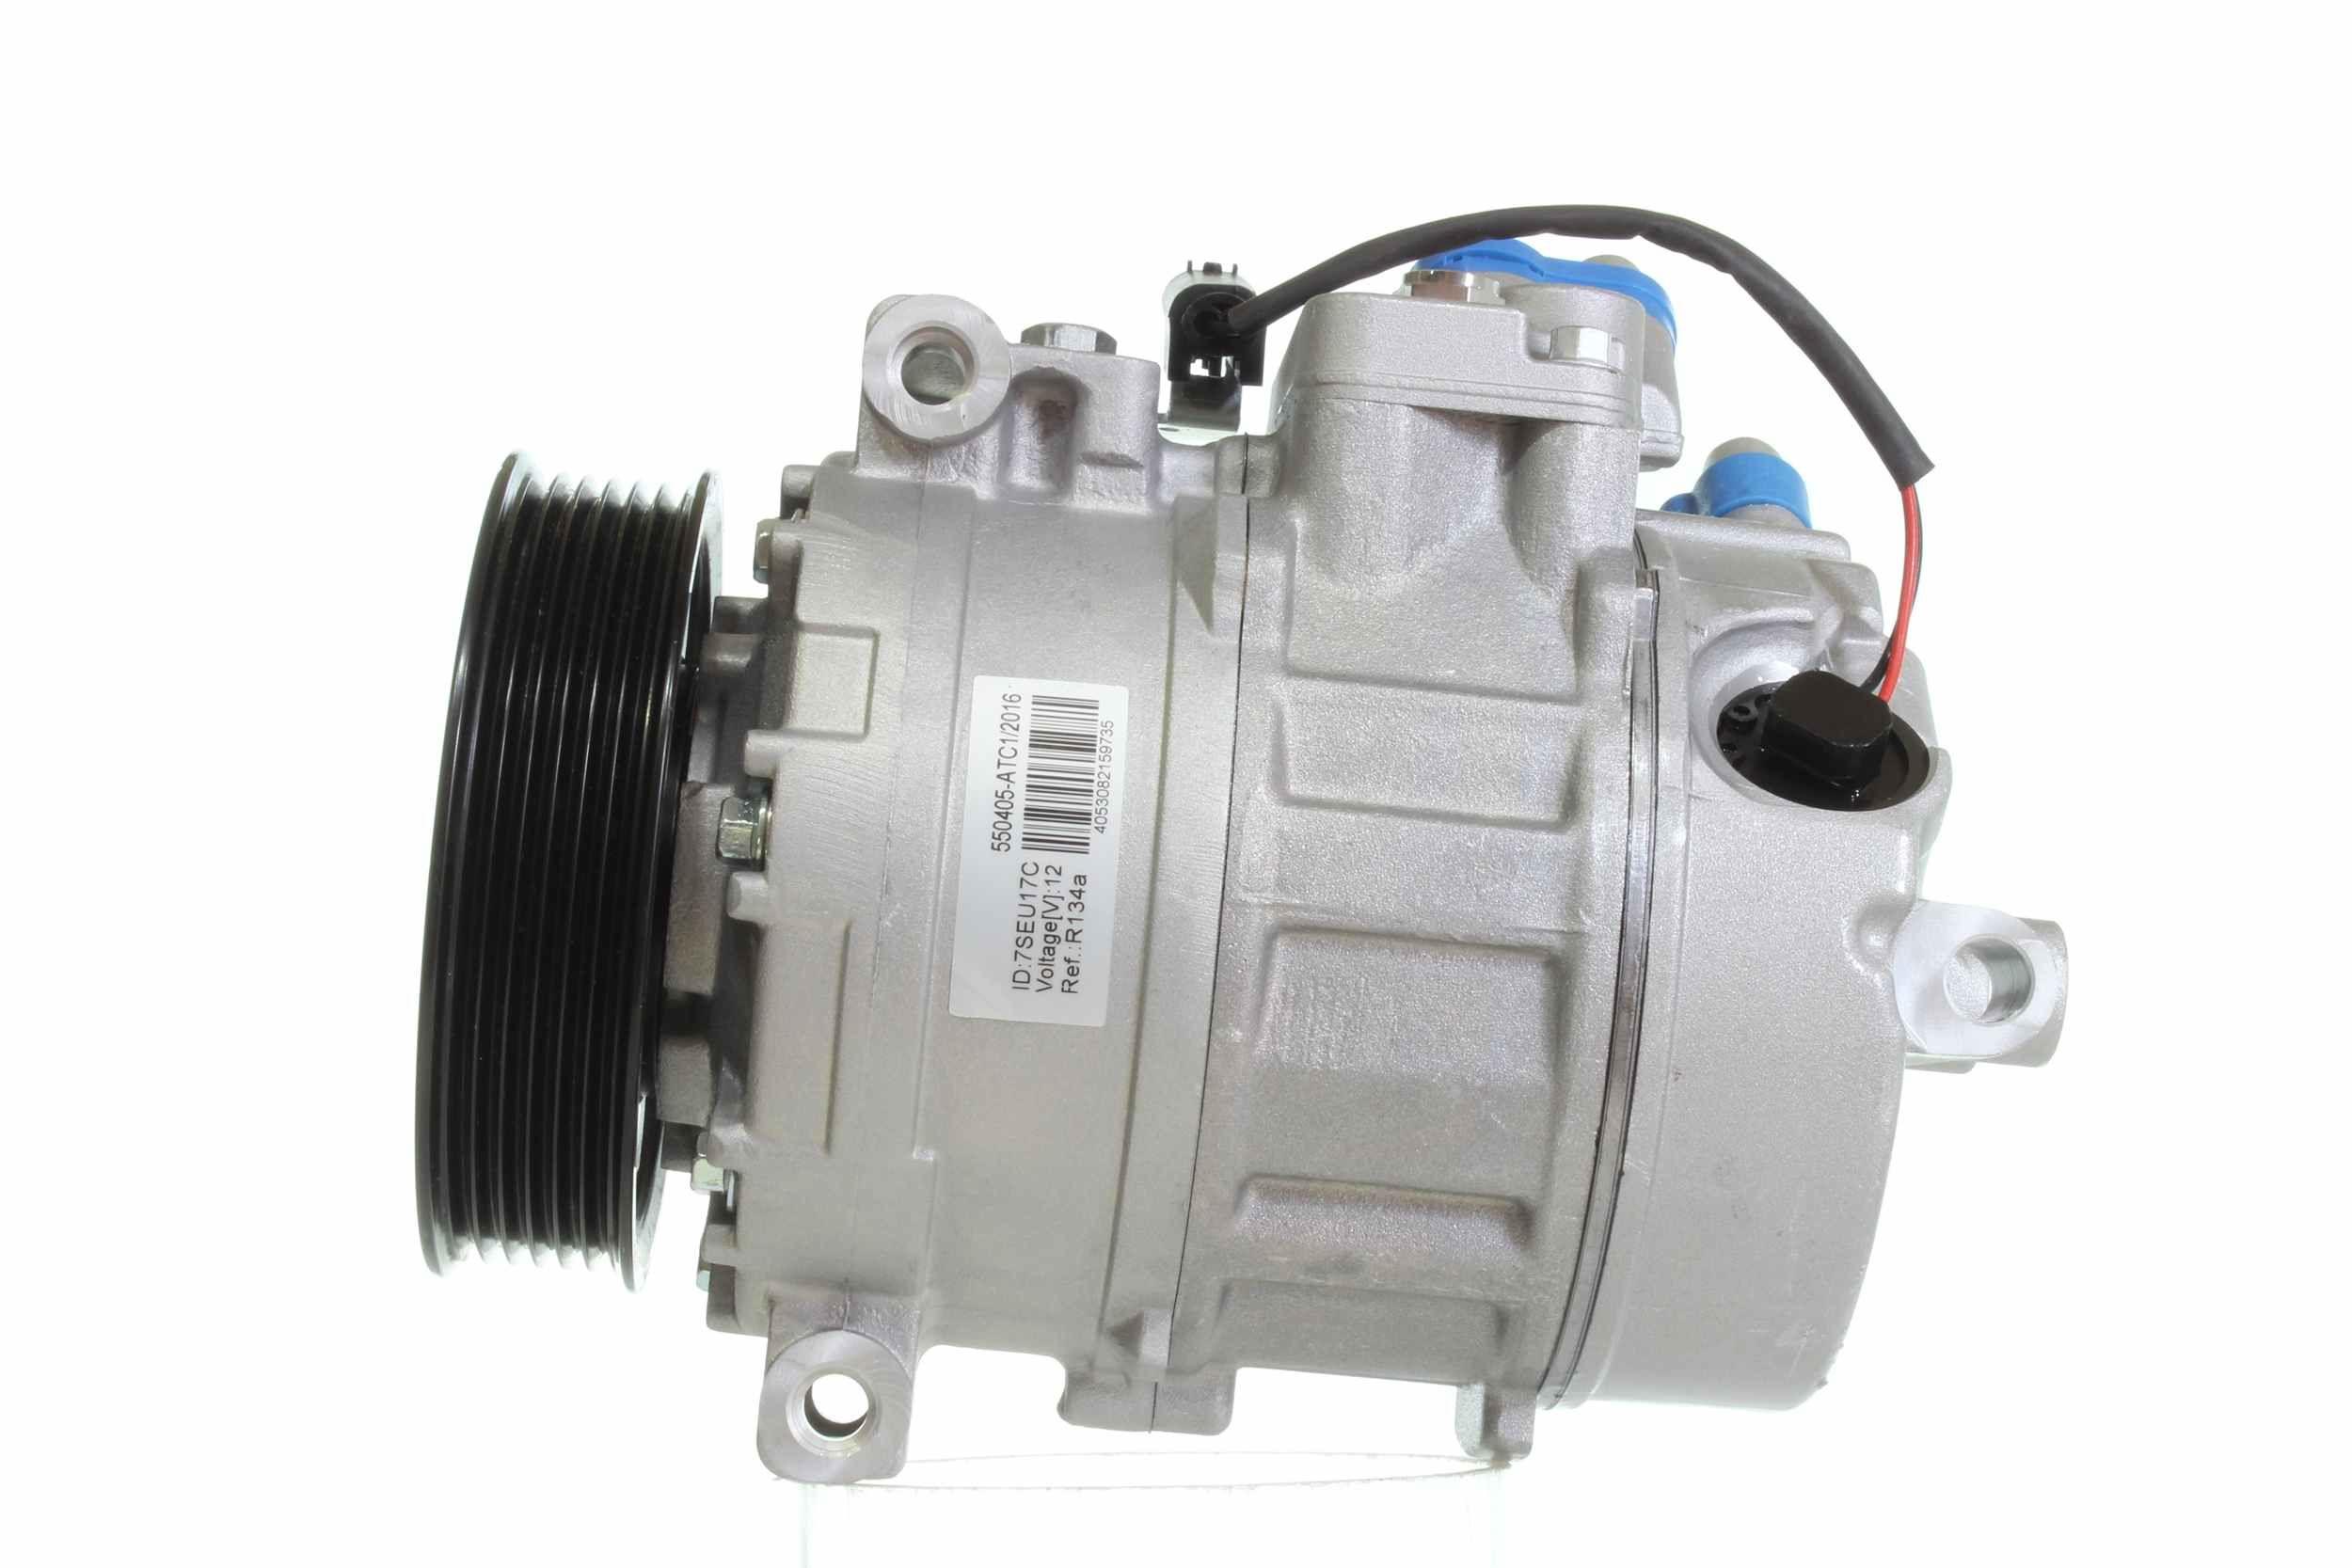 Kompressor ALANKO 10550405